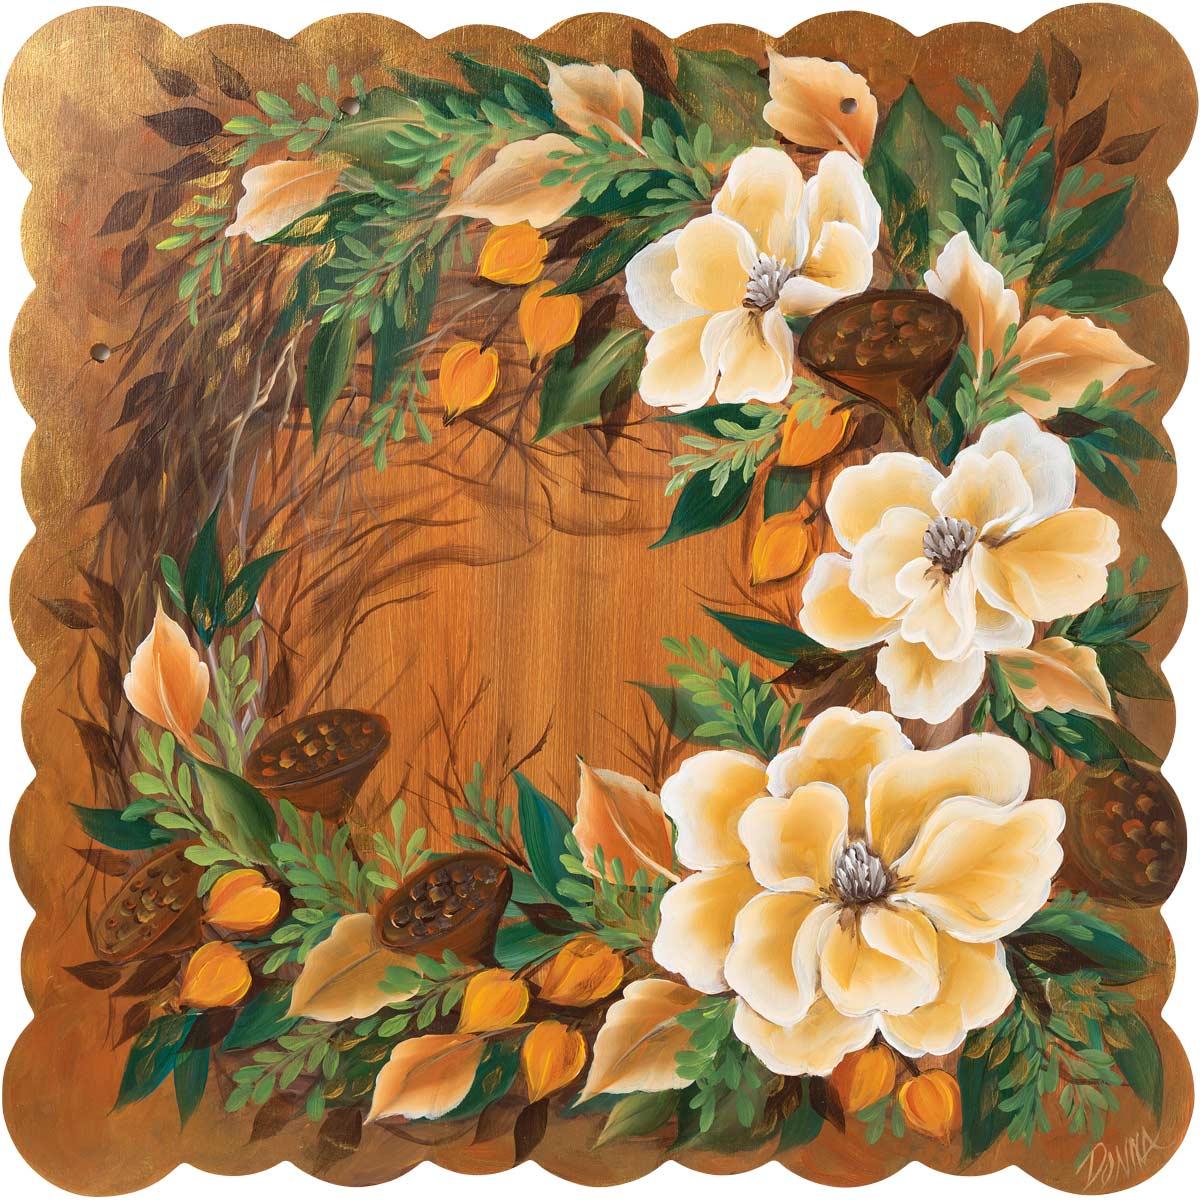 Warm Magnolias Wreath